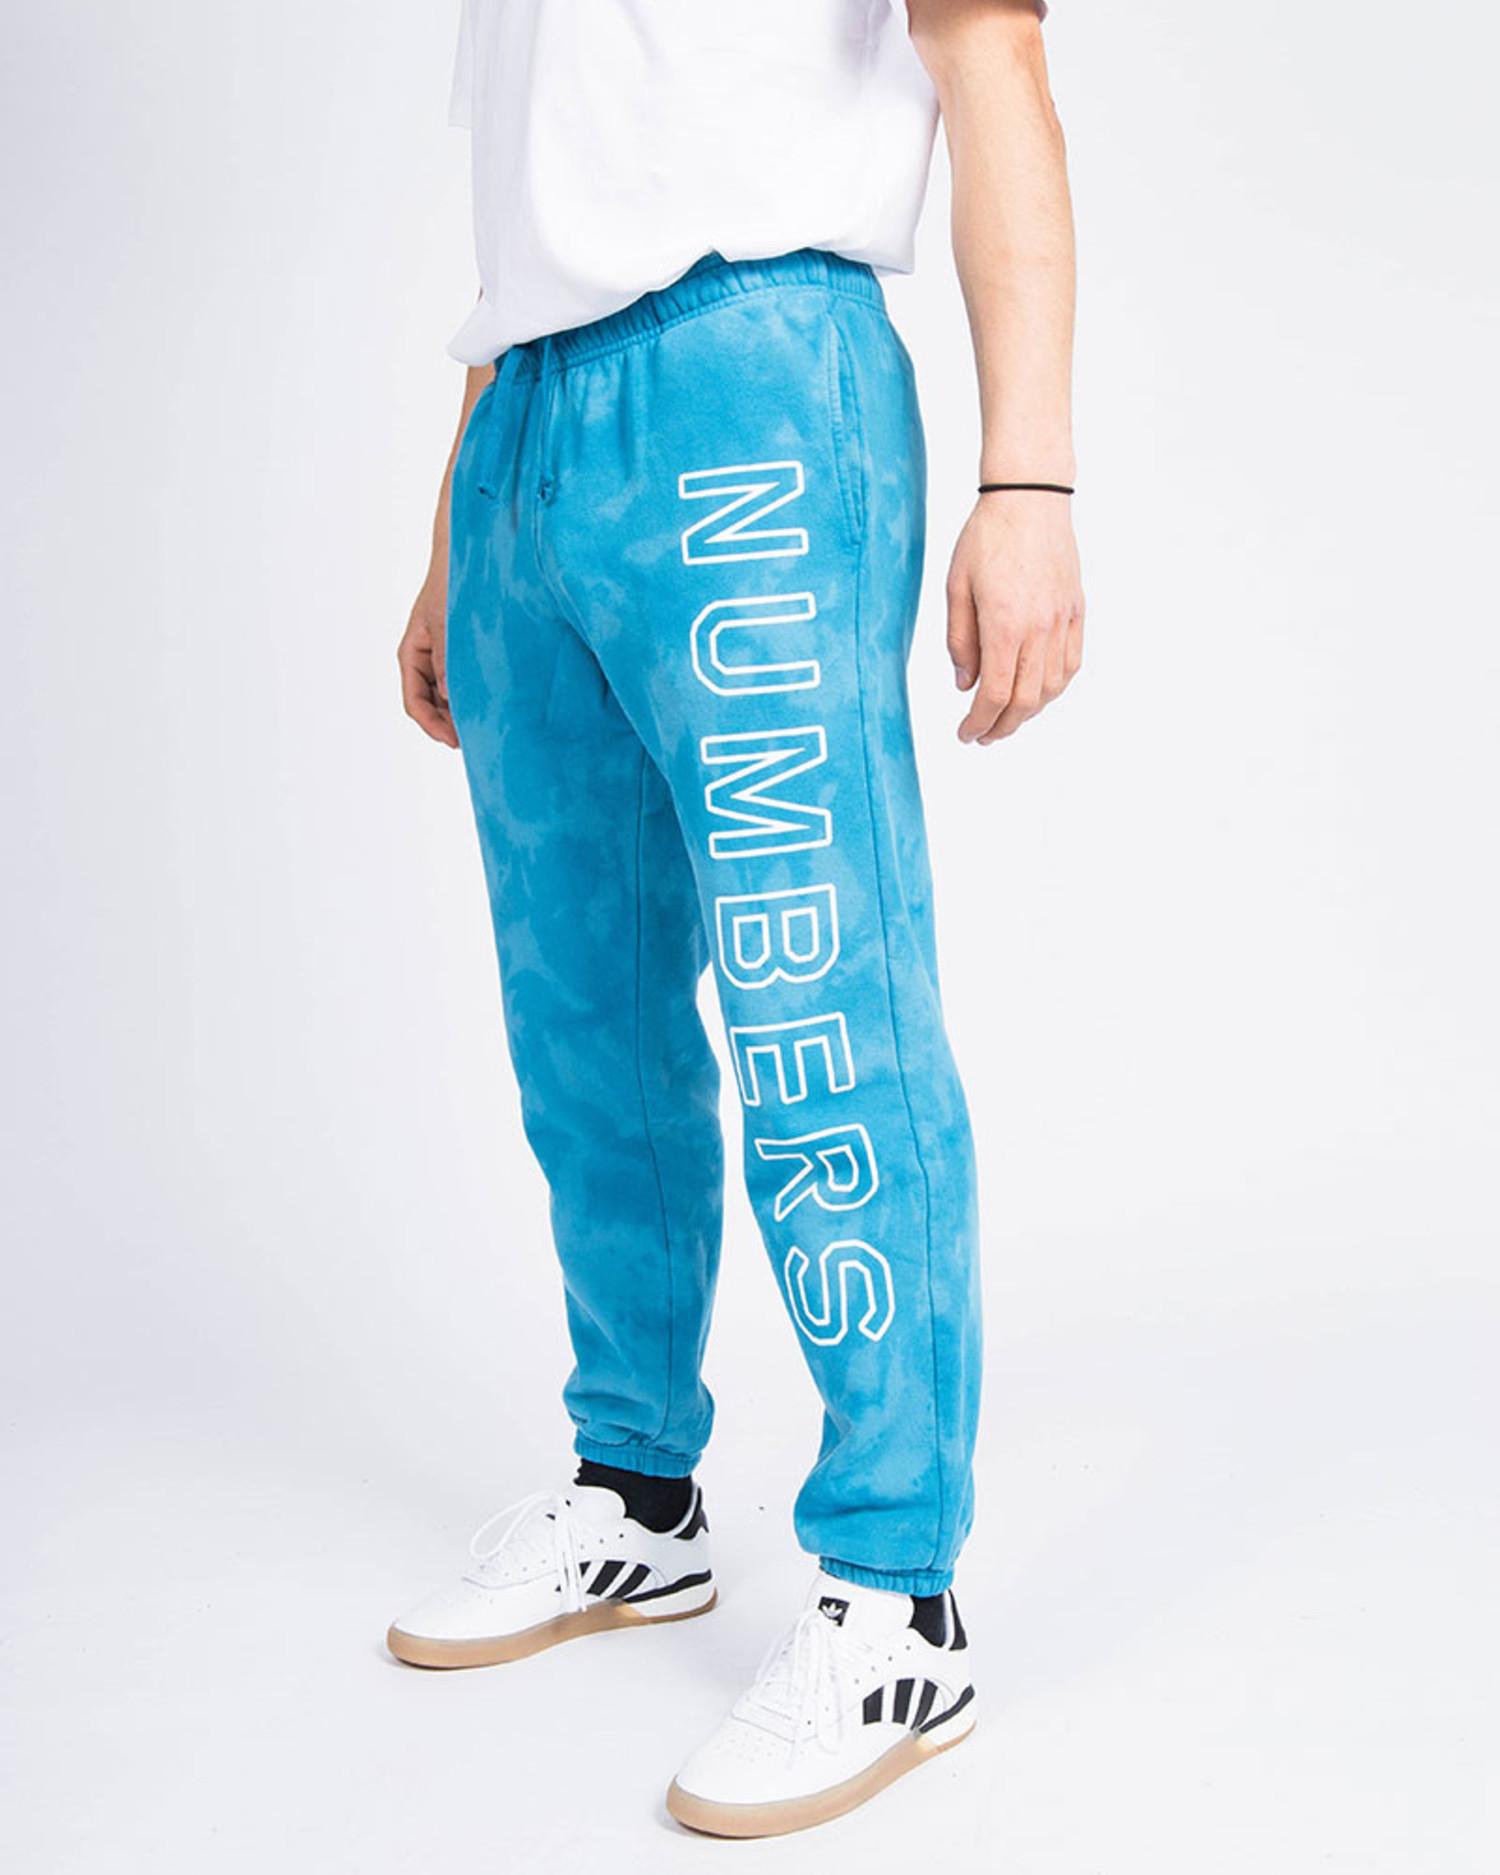 Numbers Outline Wordmark Fleece Bottoms Indigo Tie Dye